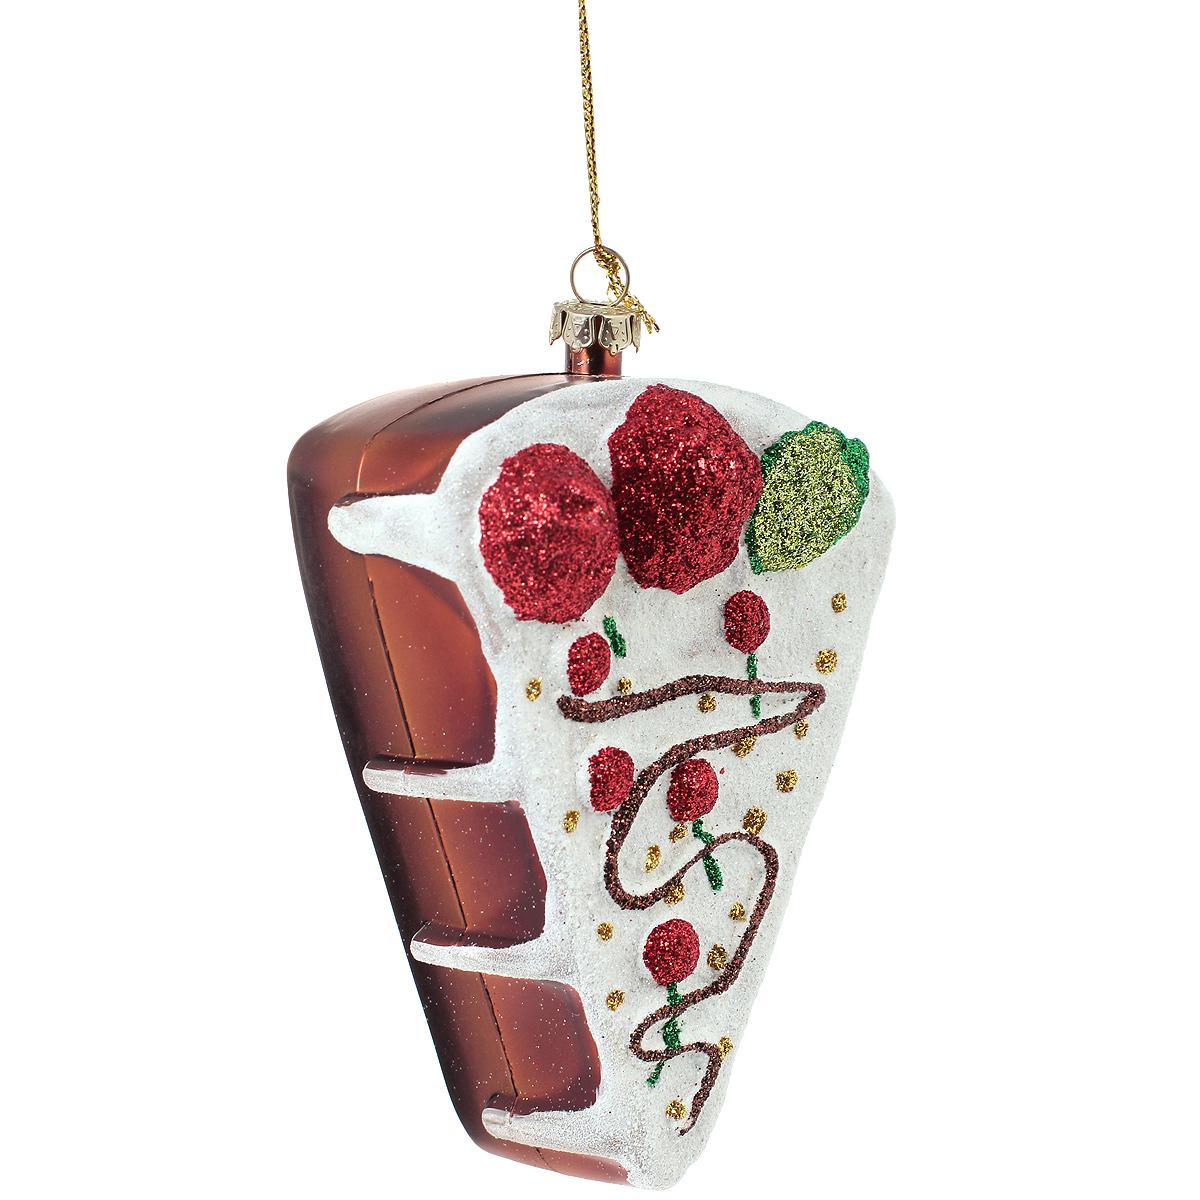 Новогоднее подвесное украшение Торт. 2589735019Оригинальное новогоднее украшение из пластика прекрасно подойдет для праздничного декора дома и новогодней ели. Изделие крепится на елку с помощью металлического зажима.